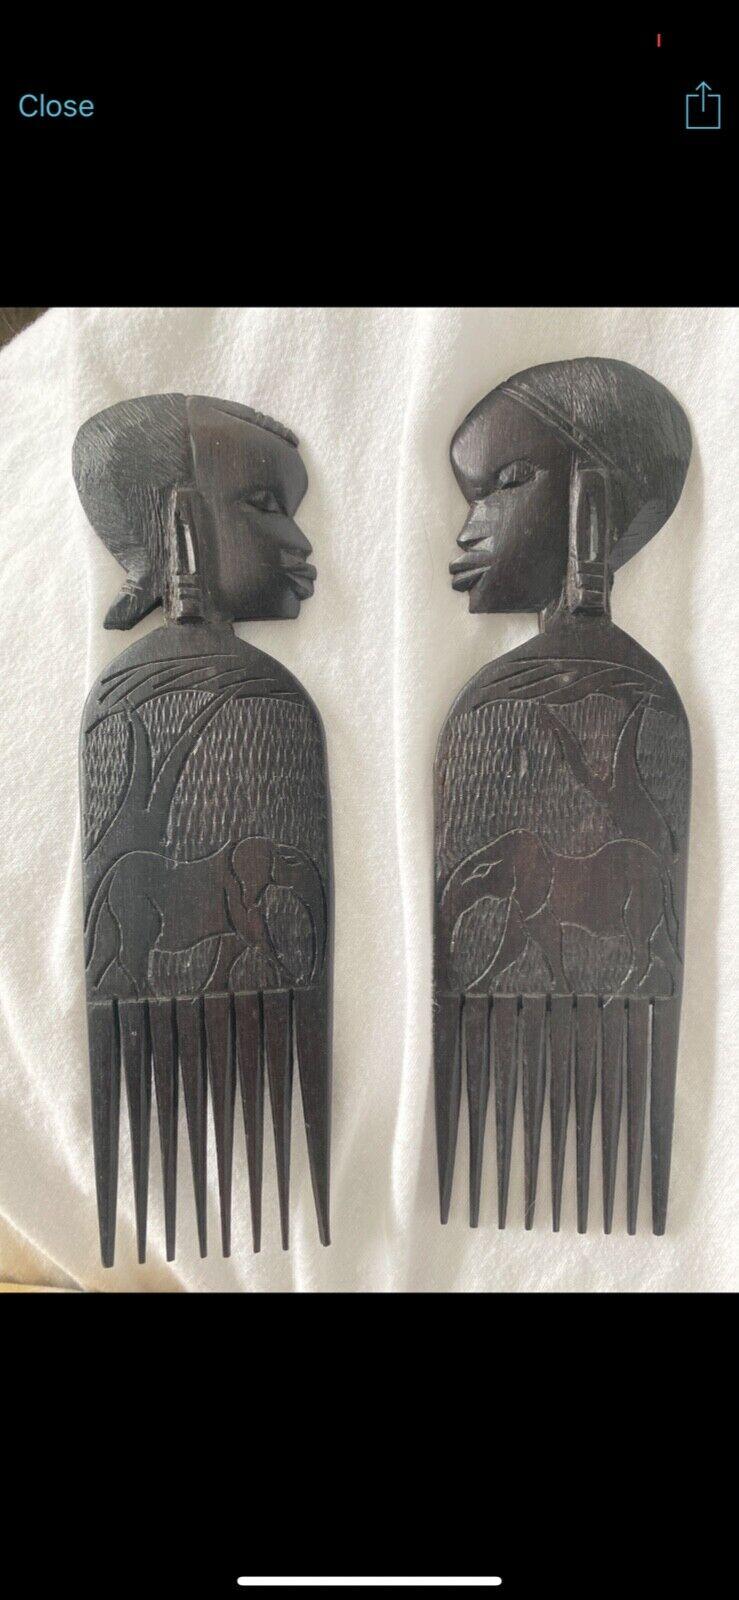 Set Of 1960s Vintage Black Ebony Wood African Carved Hair Combs/Picks - $0.99